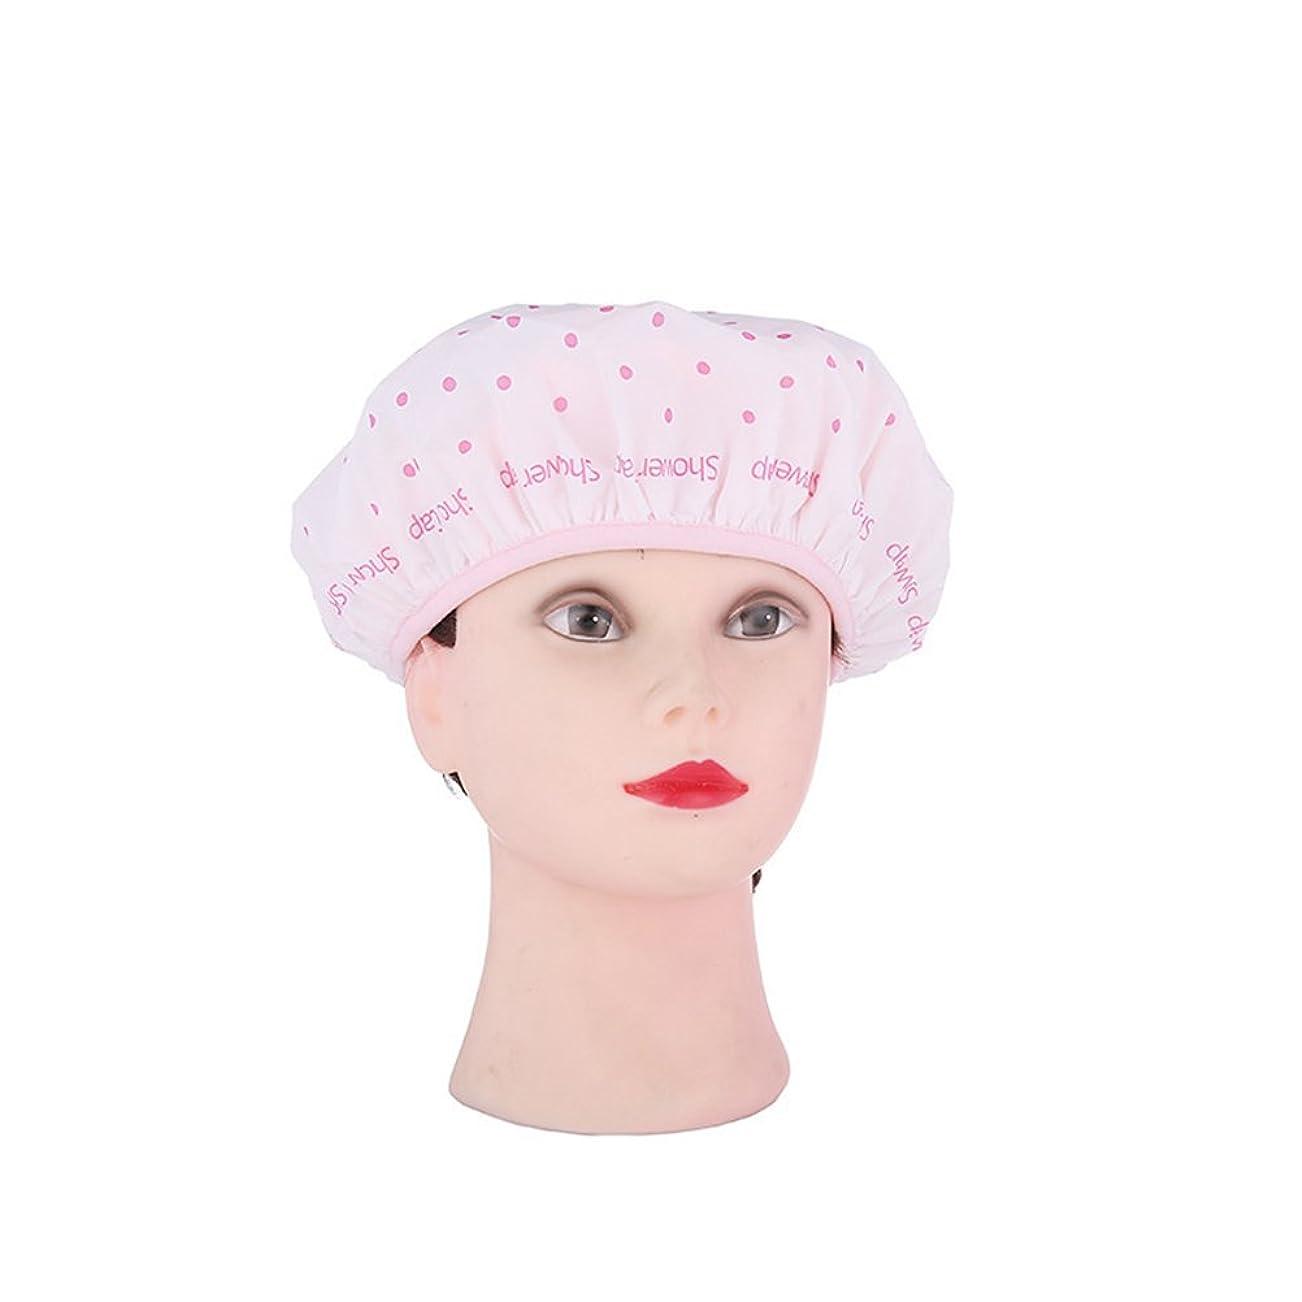 ワットアシュリータファーマン妥協HEALLILY シャワーの帽子女性の子供のための防水シャワーの帽子のBathのシャワーの毛の帽子